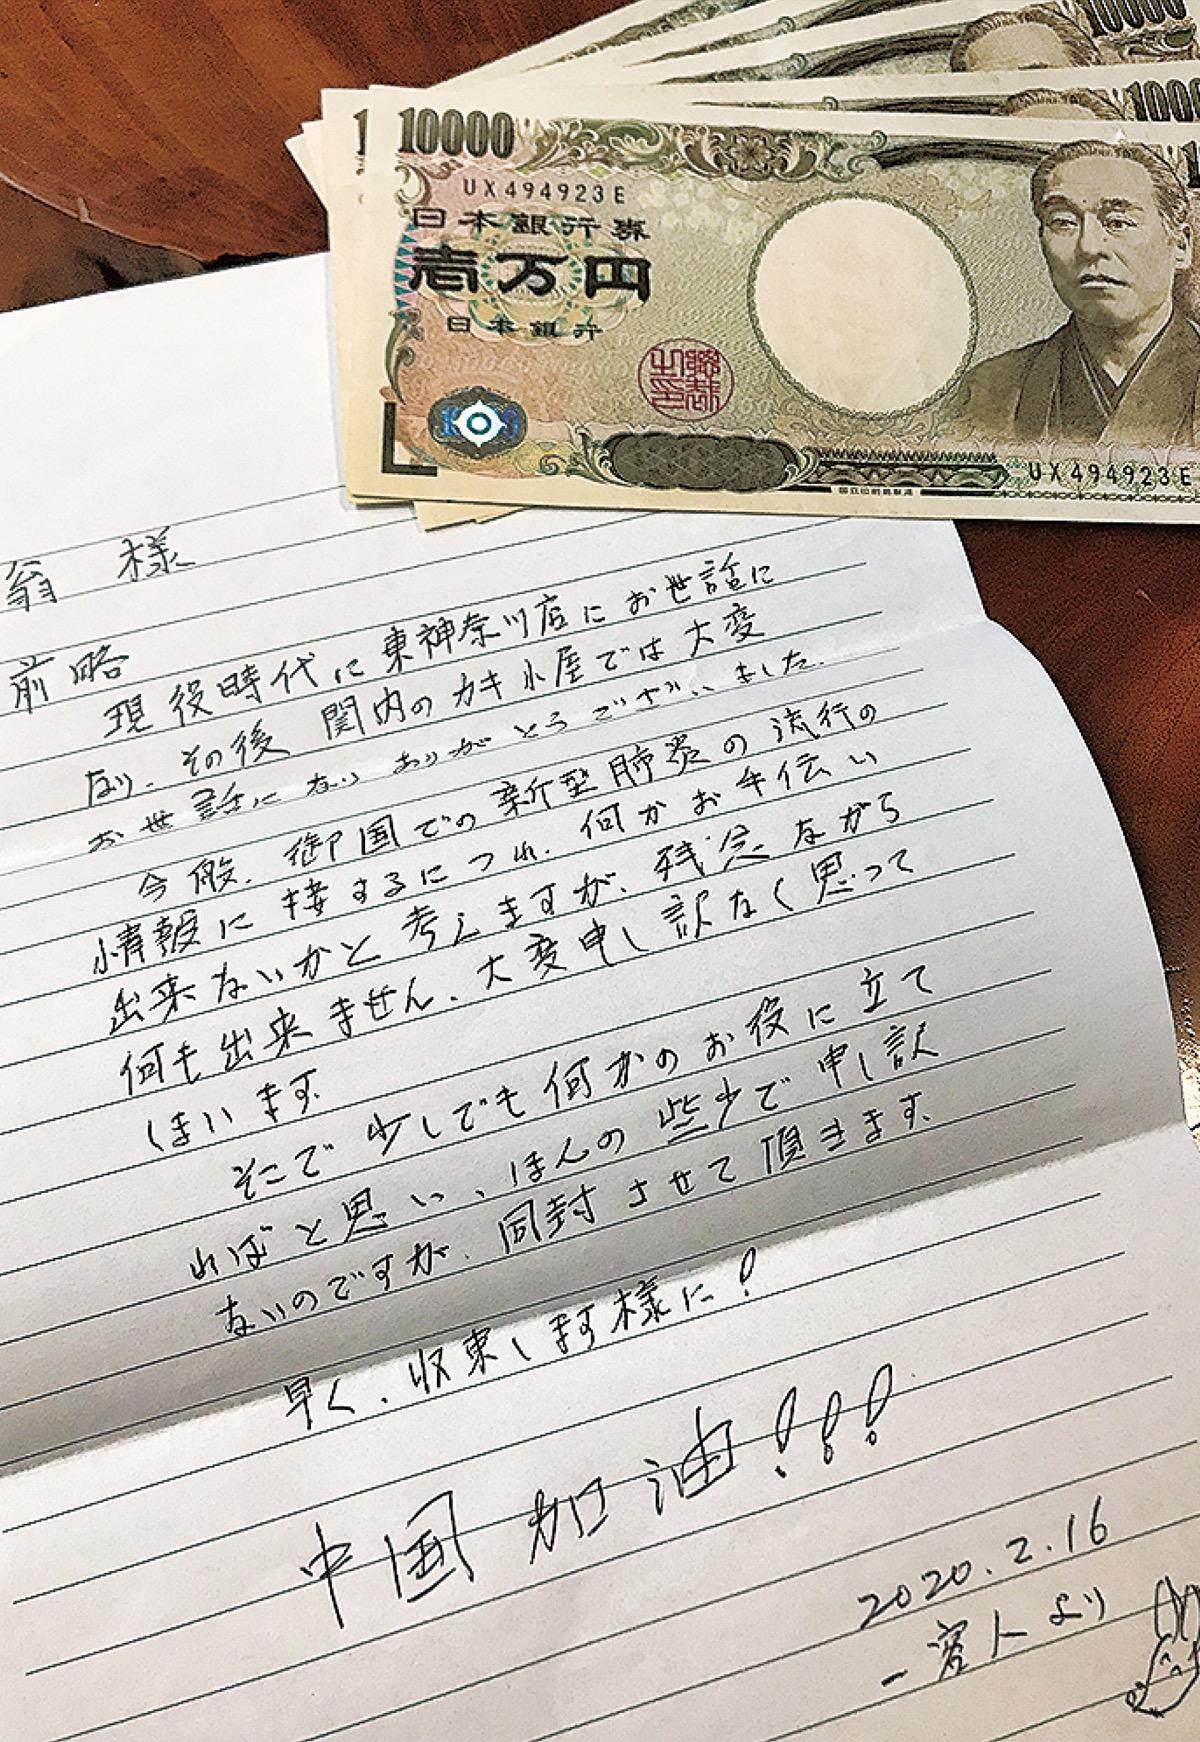 中国加油!」手紙の主は―― 飲食店経営の中国籍社長に届く | 神奈川区 ...